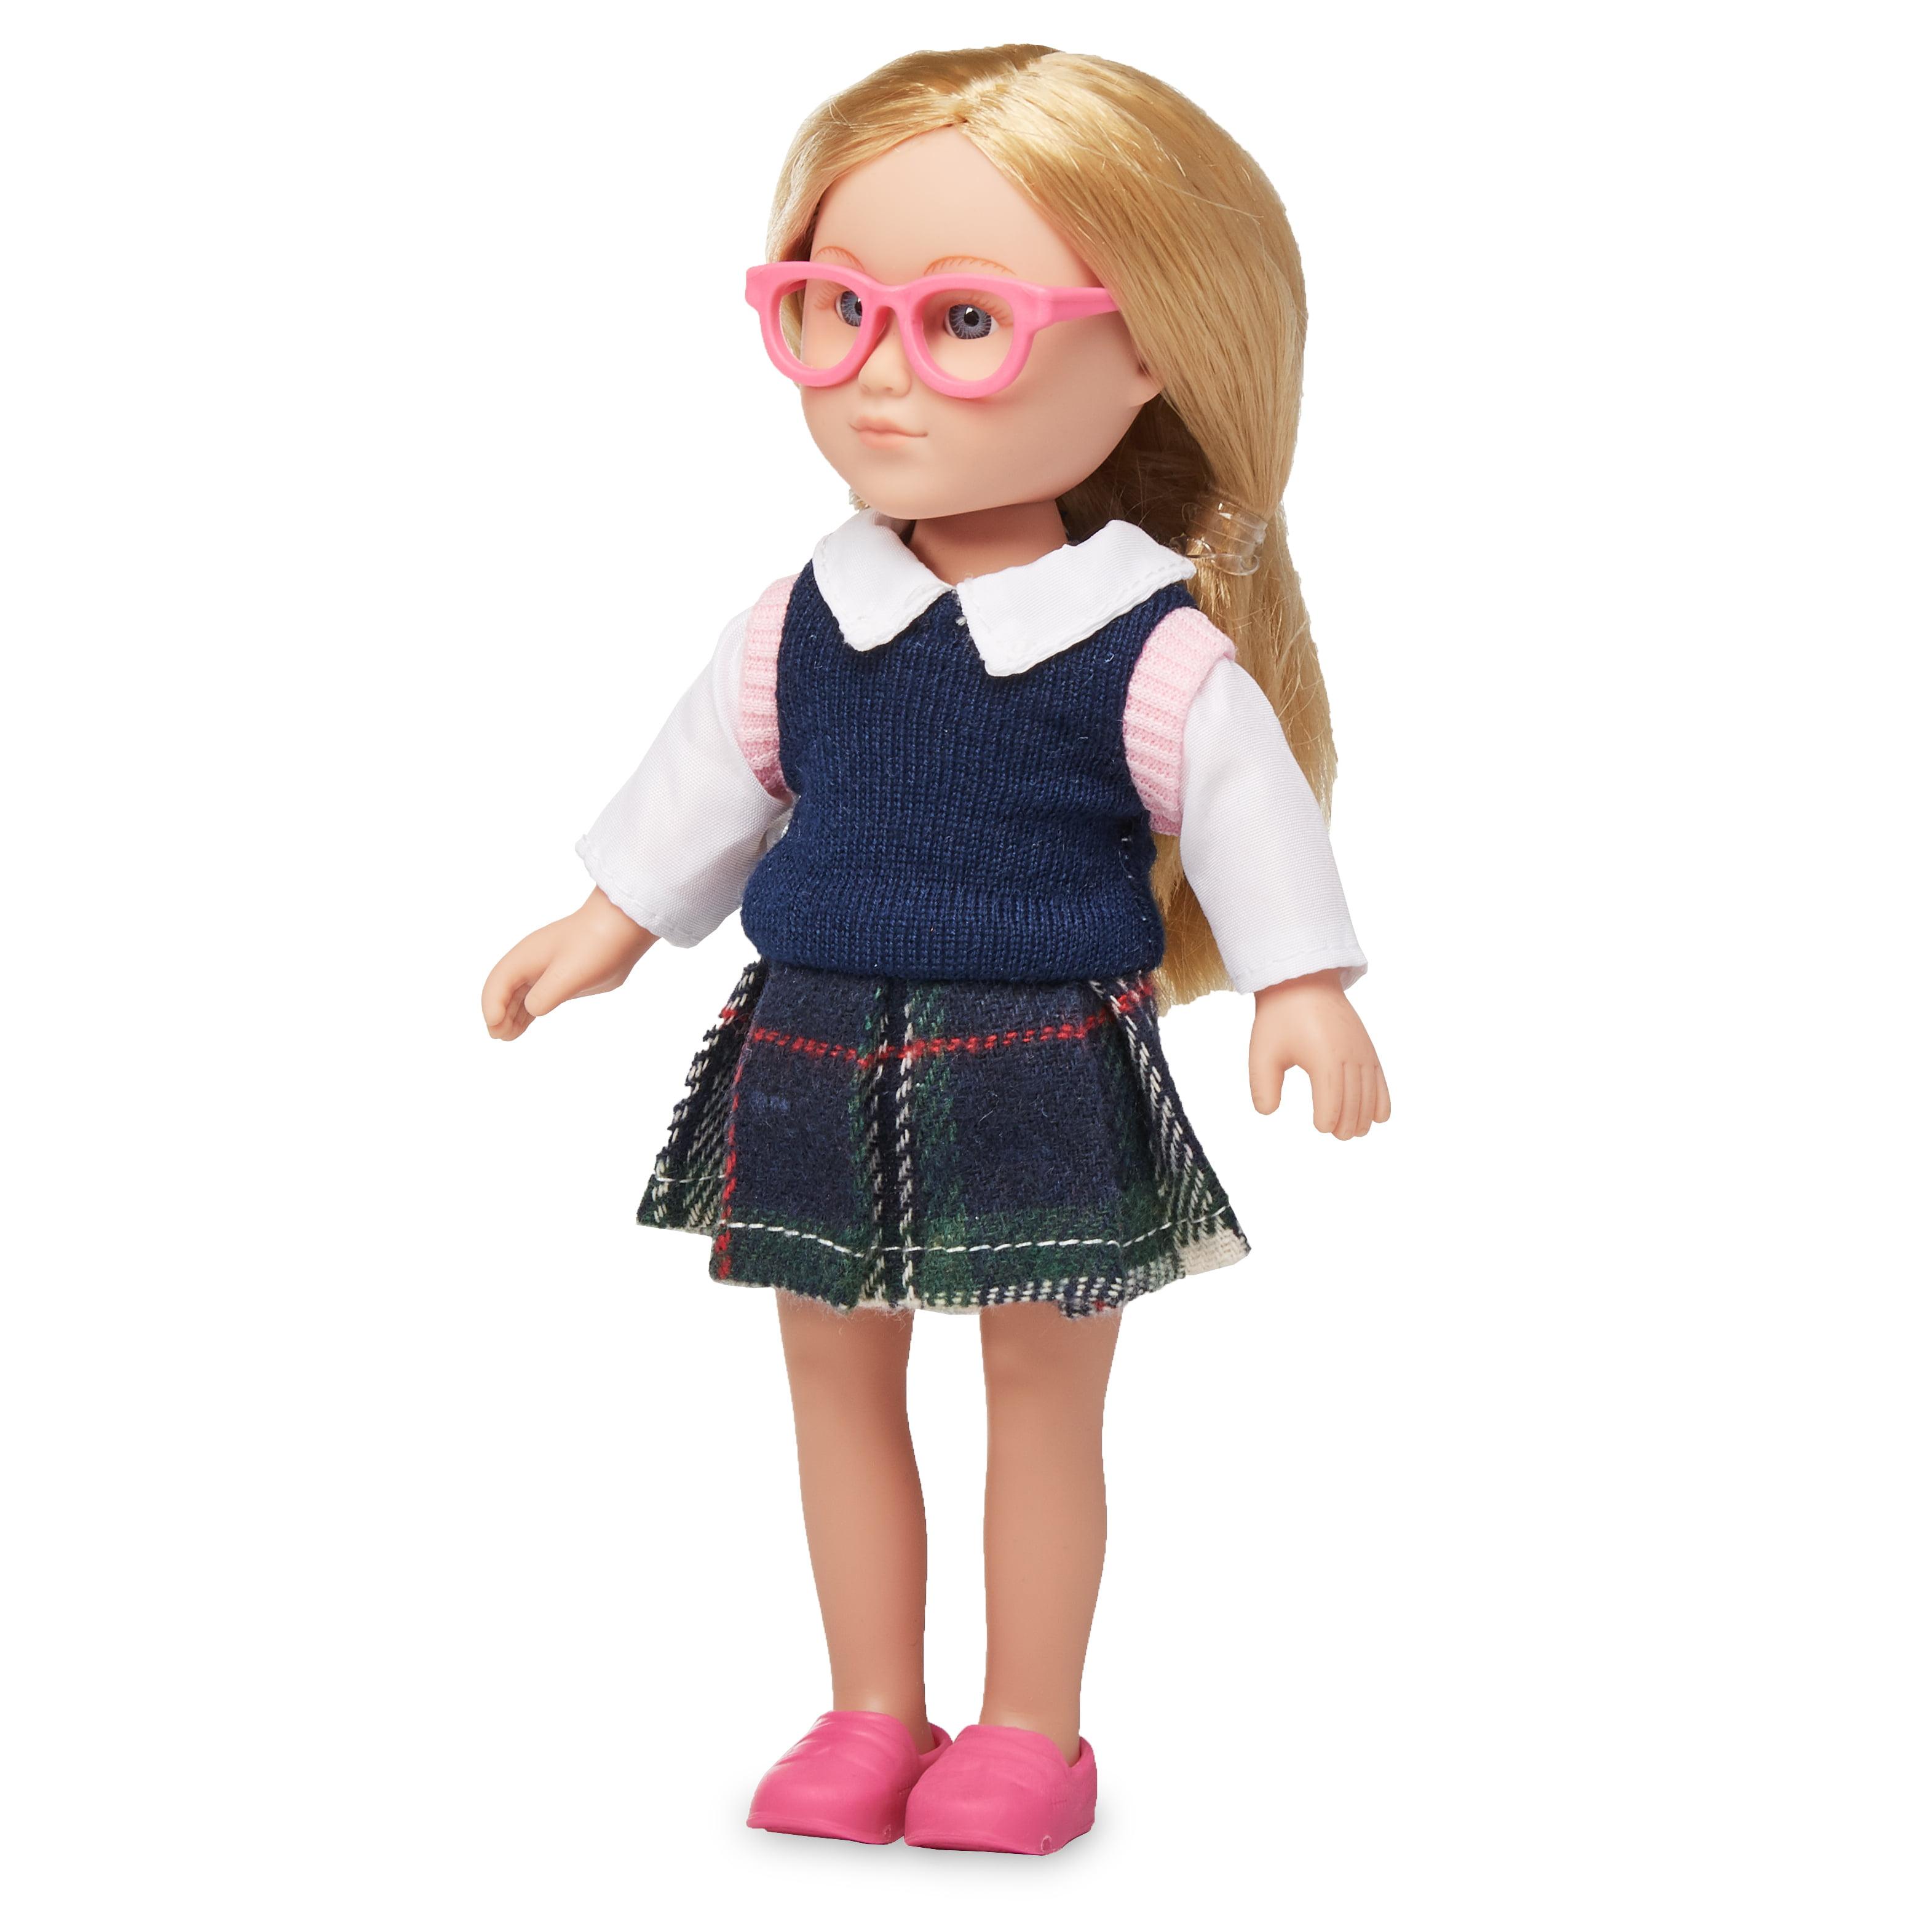 43e0a6a1ab My Life As Mini School Girl Doll